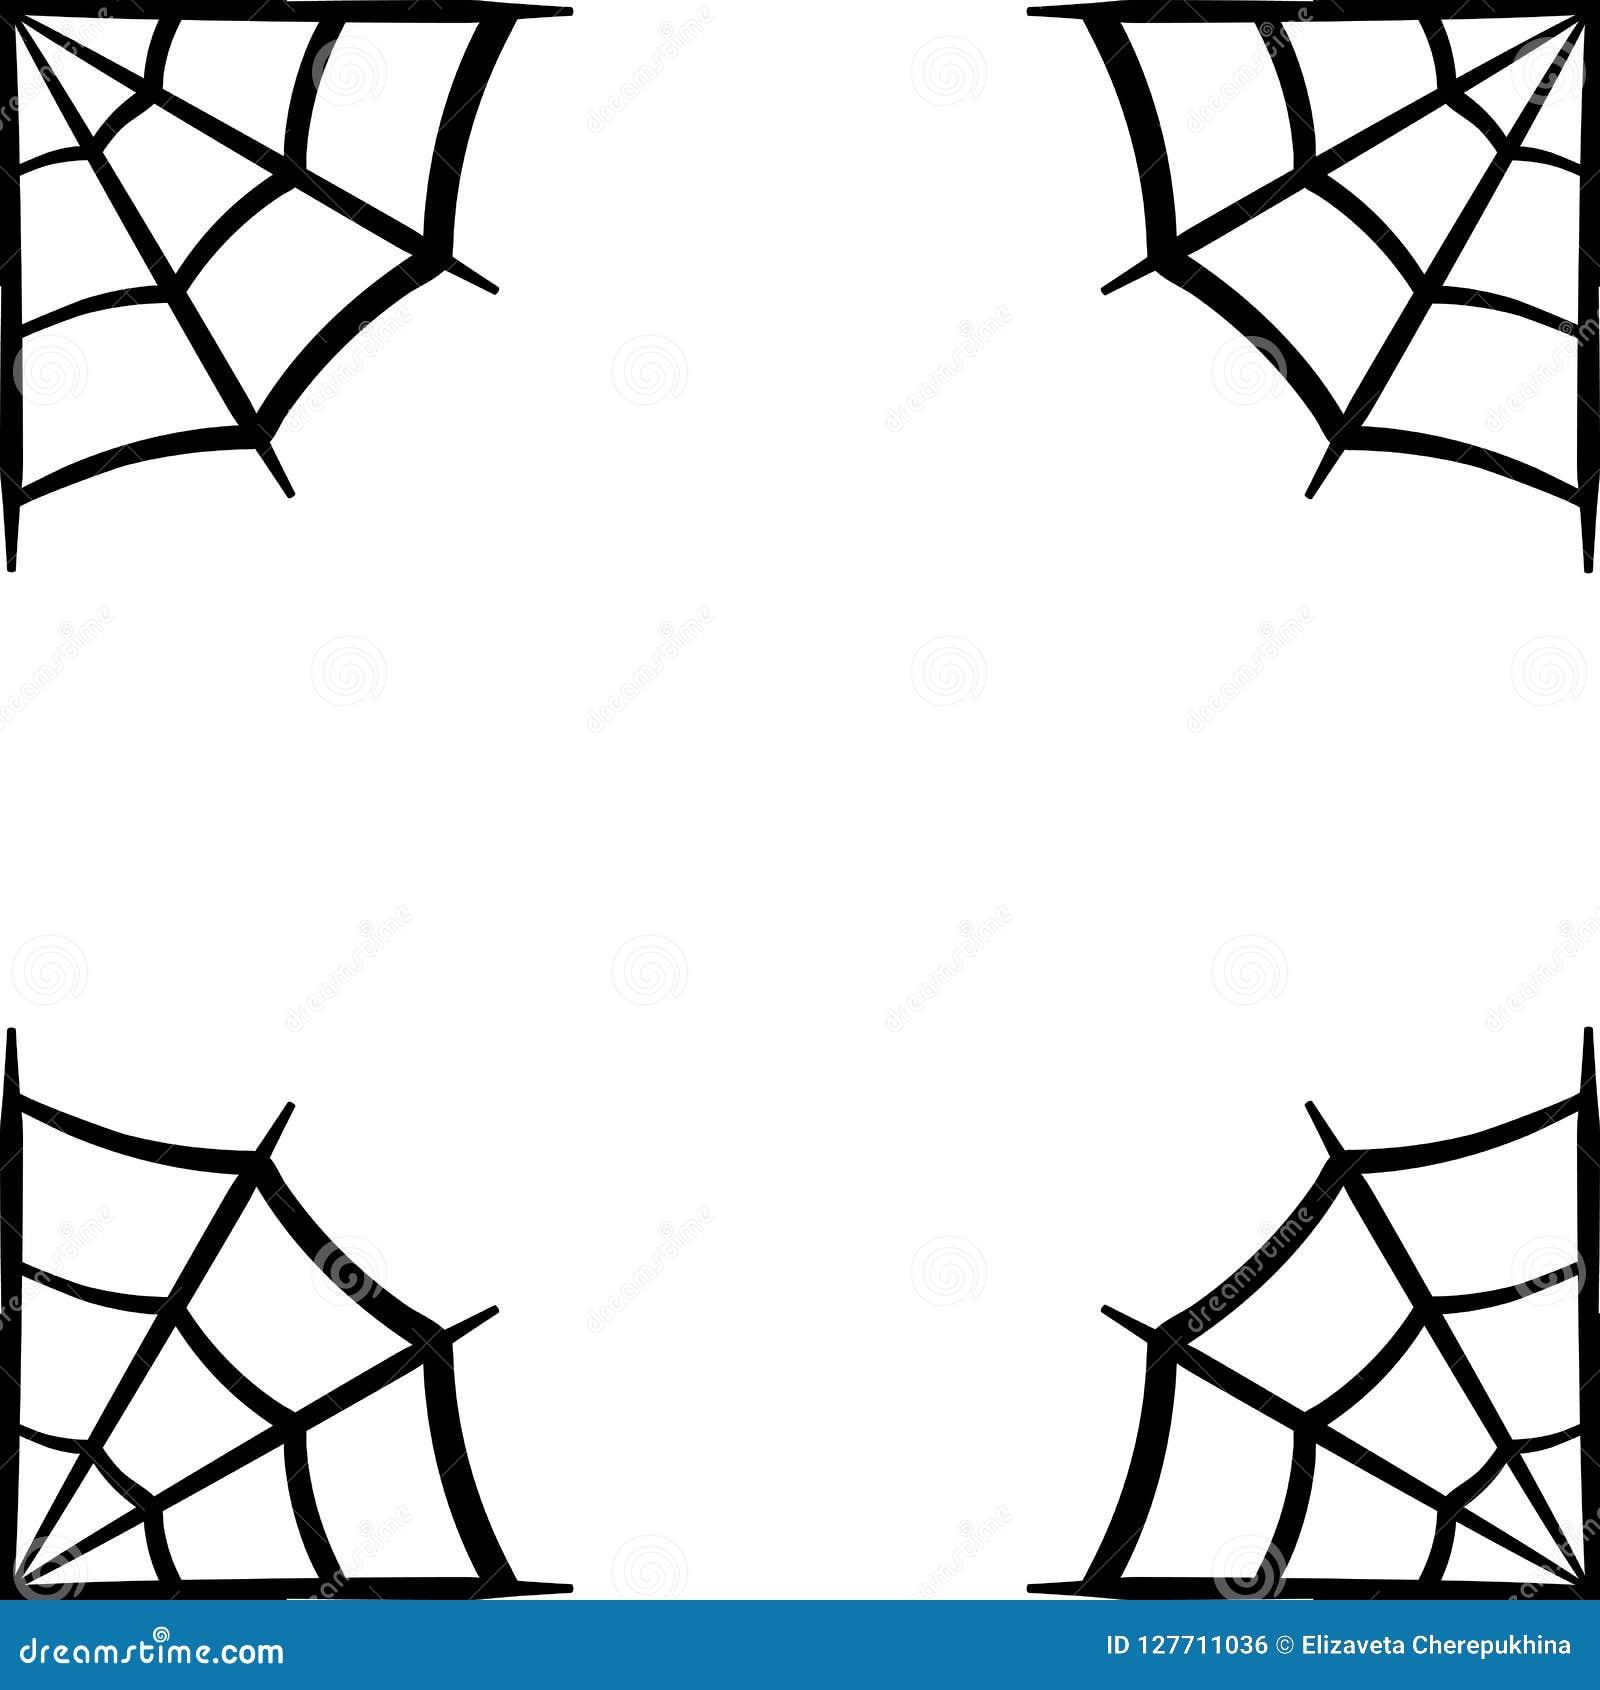 Icono del web de araña Marco de web de araña Silueta del vector de la telaraña Clip art de Spiderweb Ejemplo plano del vector